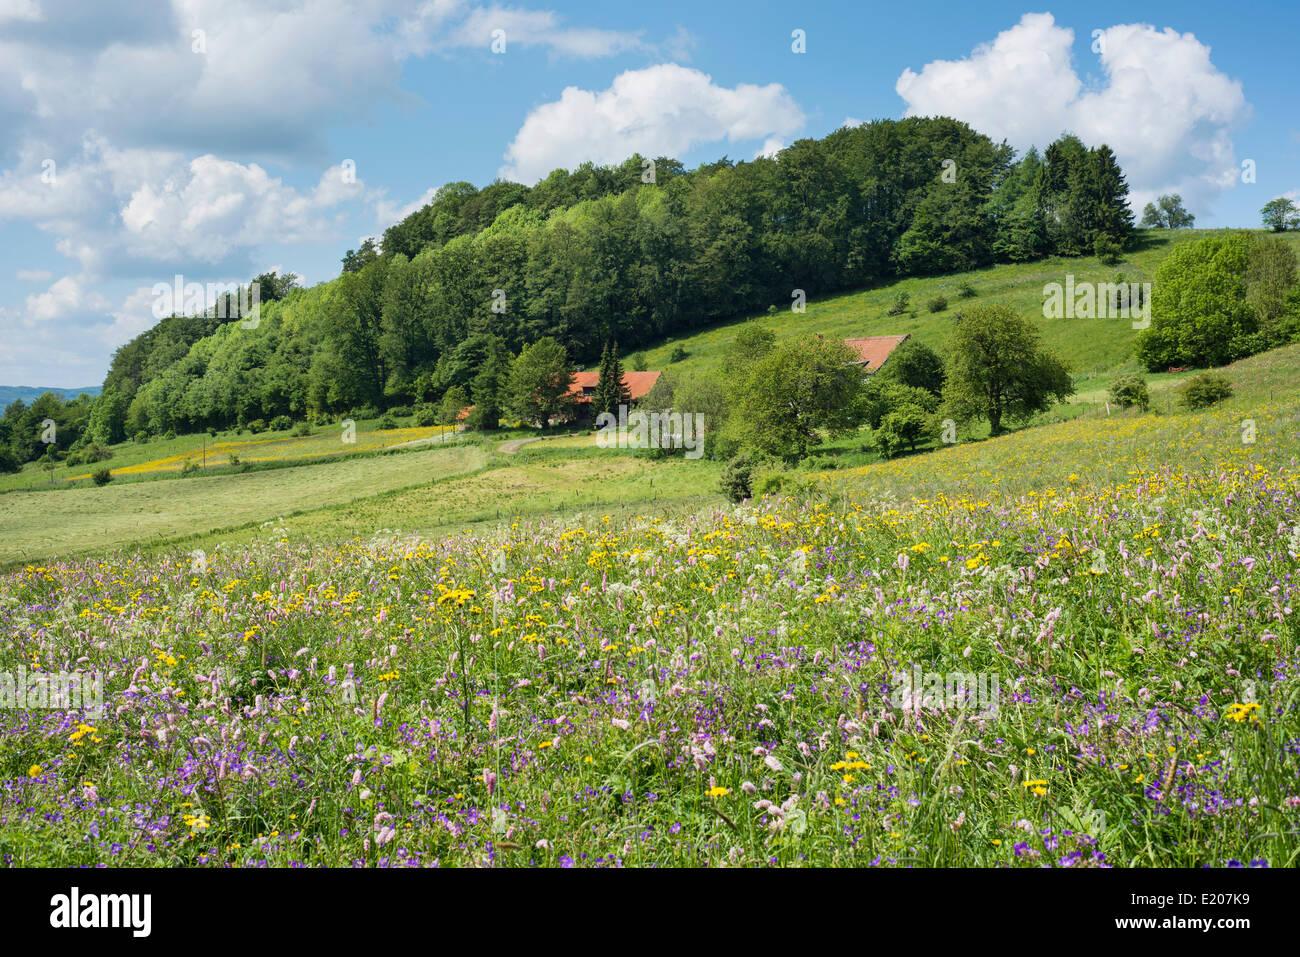 Gehöft mit Blume Wiese und Wald, Rhön-Biosphärenreservat, Sandberg, Gersfeld, Hessen, Deutschland Stockbild